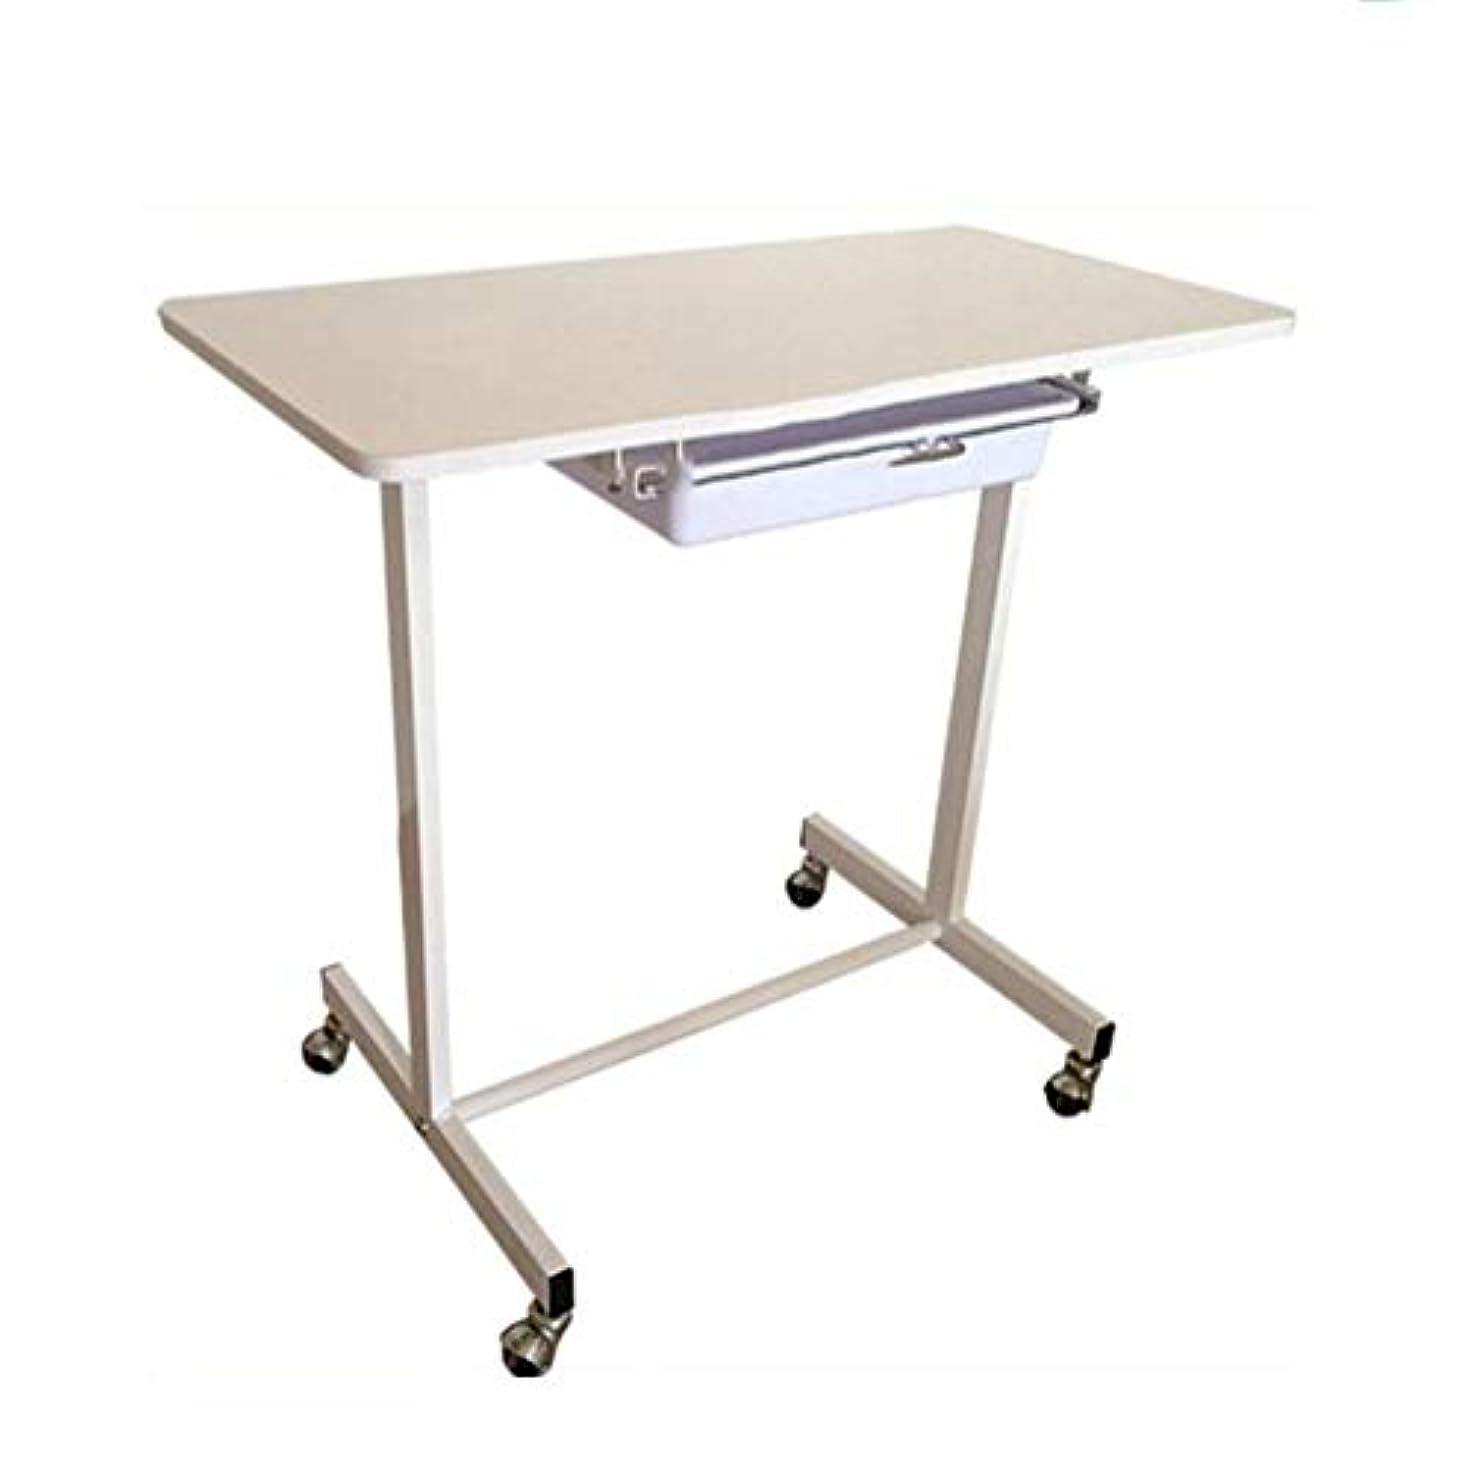 腸無意味労働者ネイルテーブルポータブルマニキュアテーブルベントネイルデスクワークステーションサロンスパネイルアートビューティーサロン家具